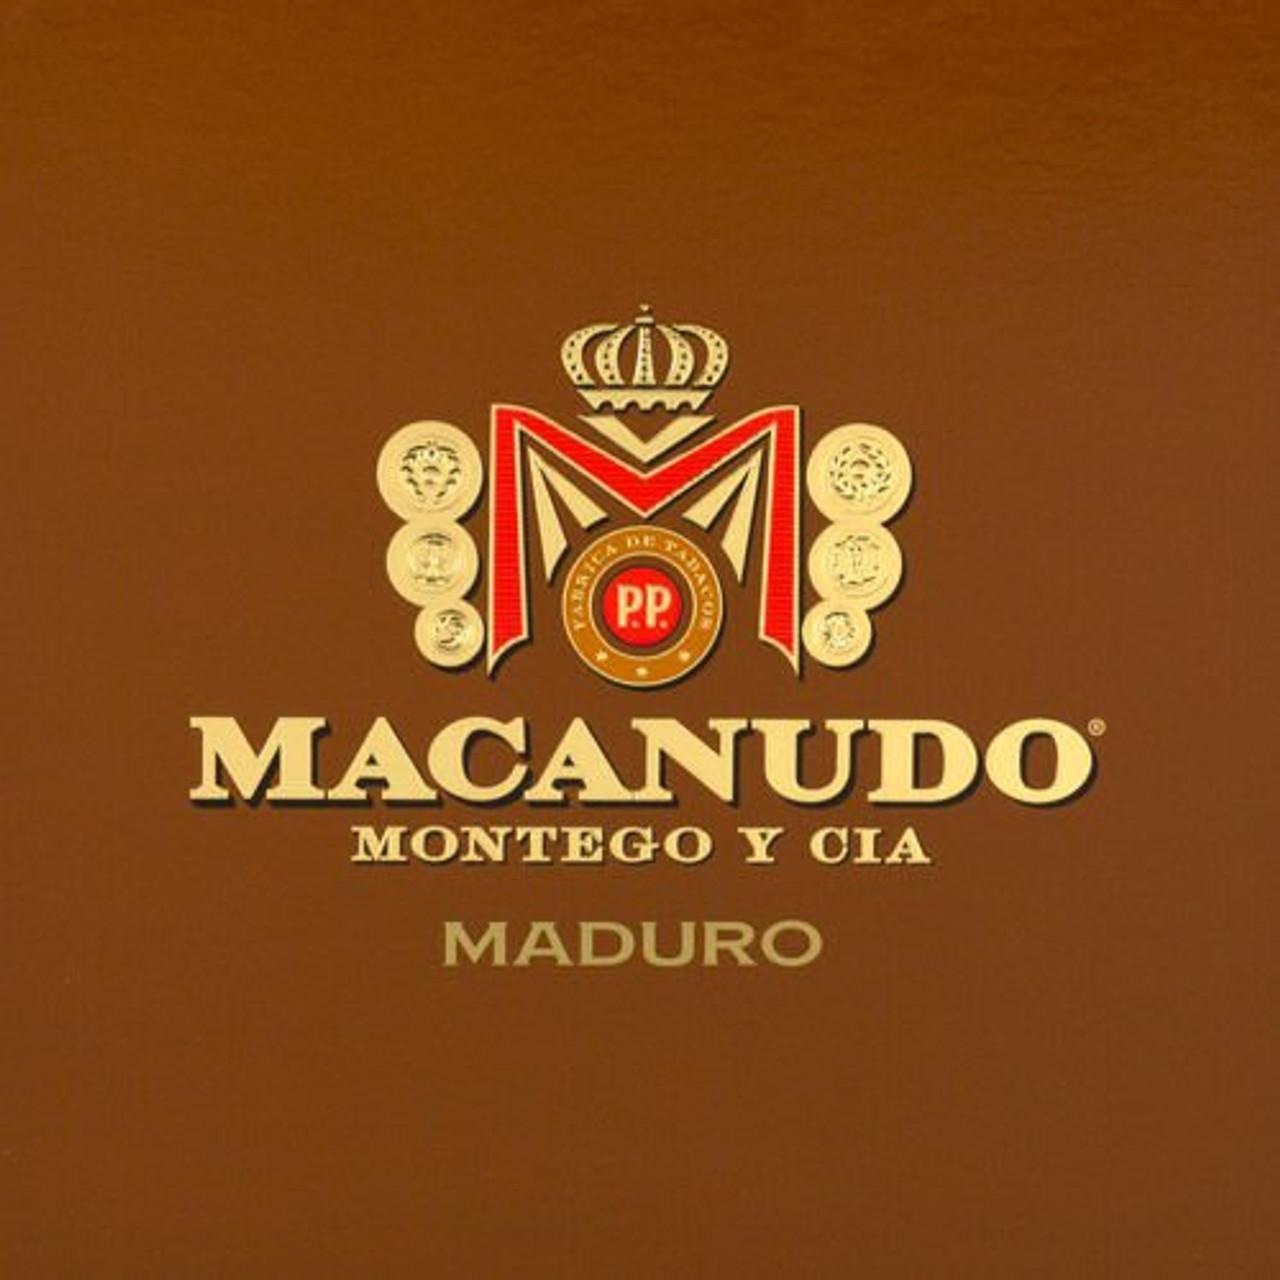 Macanudo Maduro Cigars Logo